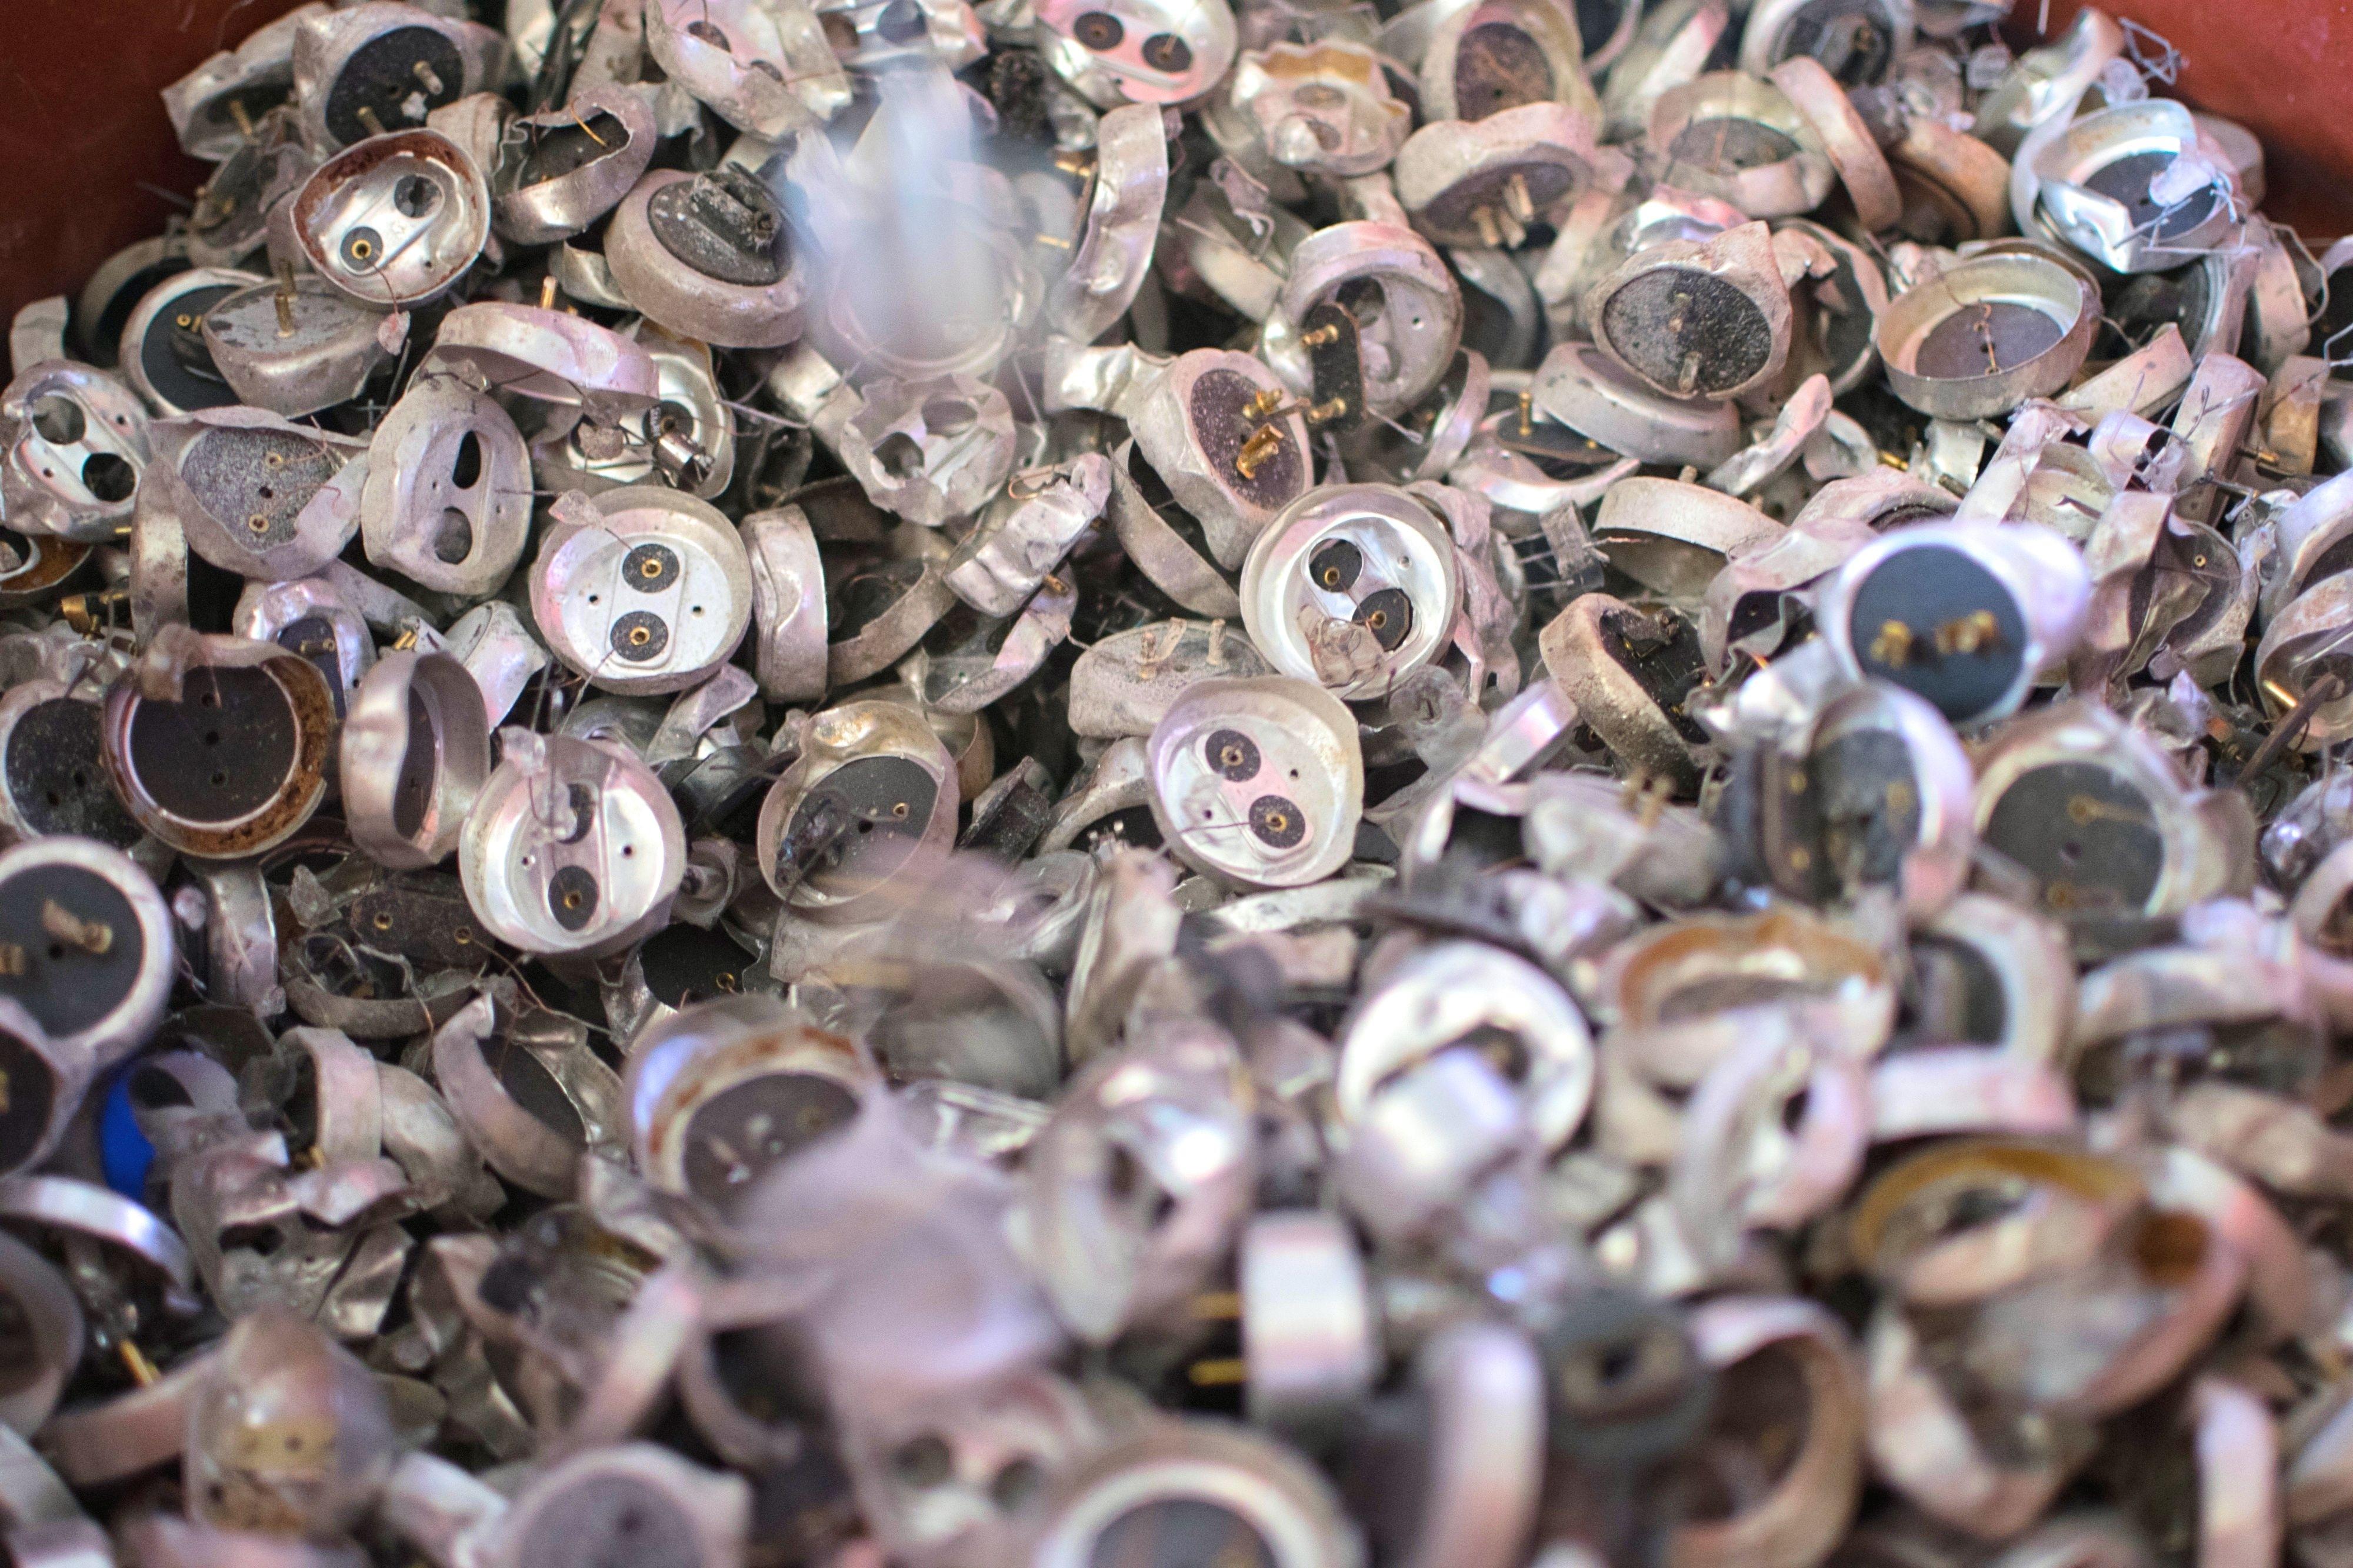 Embarque de lâmpadas halógenas para reciclagem e descarte correto (Foto: Fabiano Goulart)